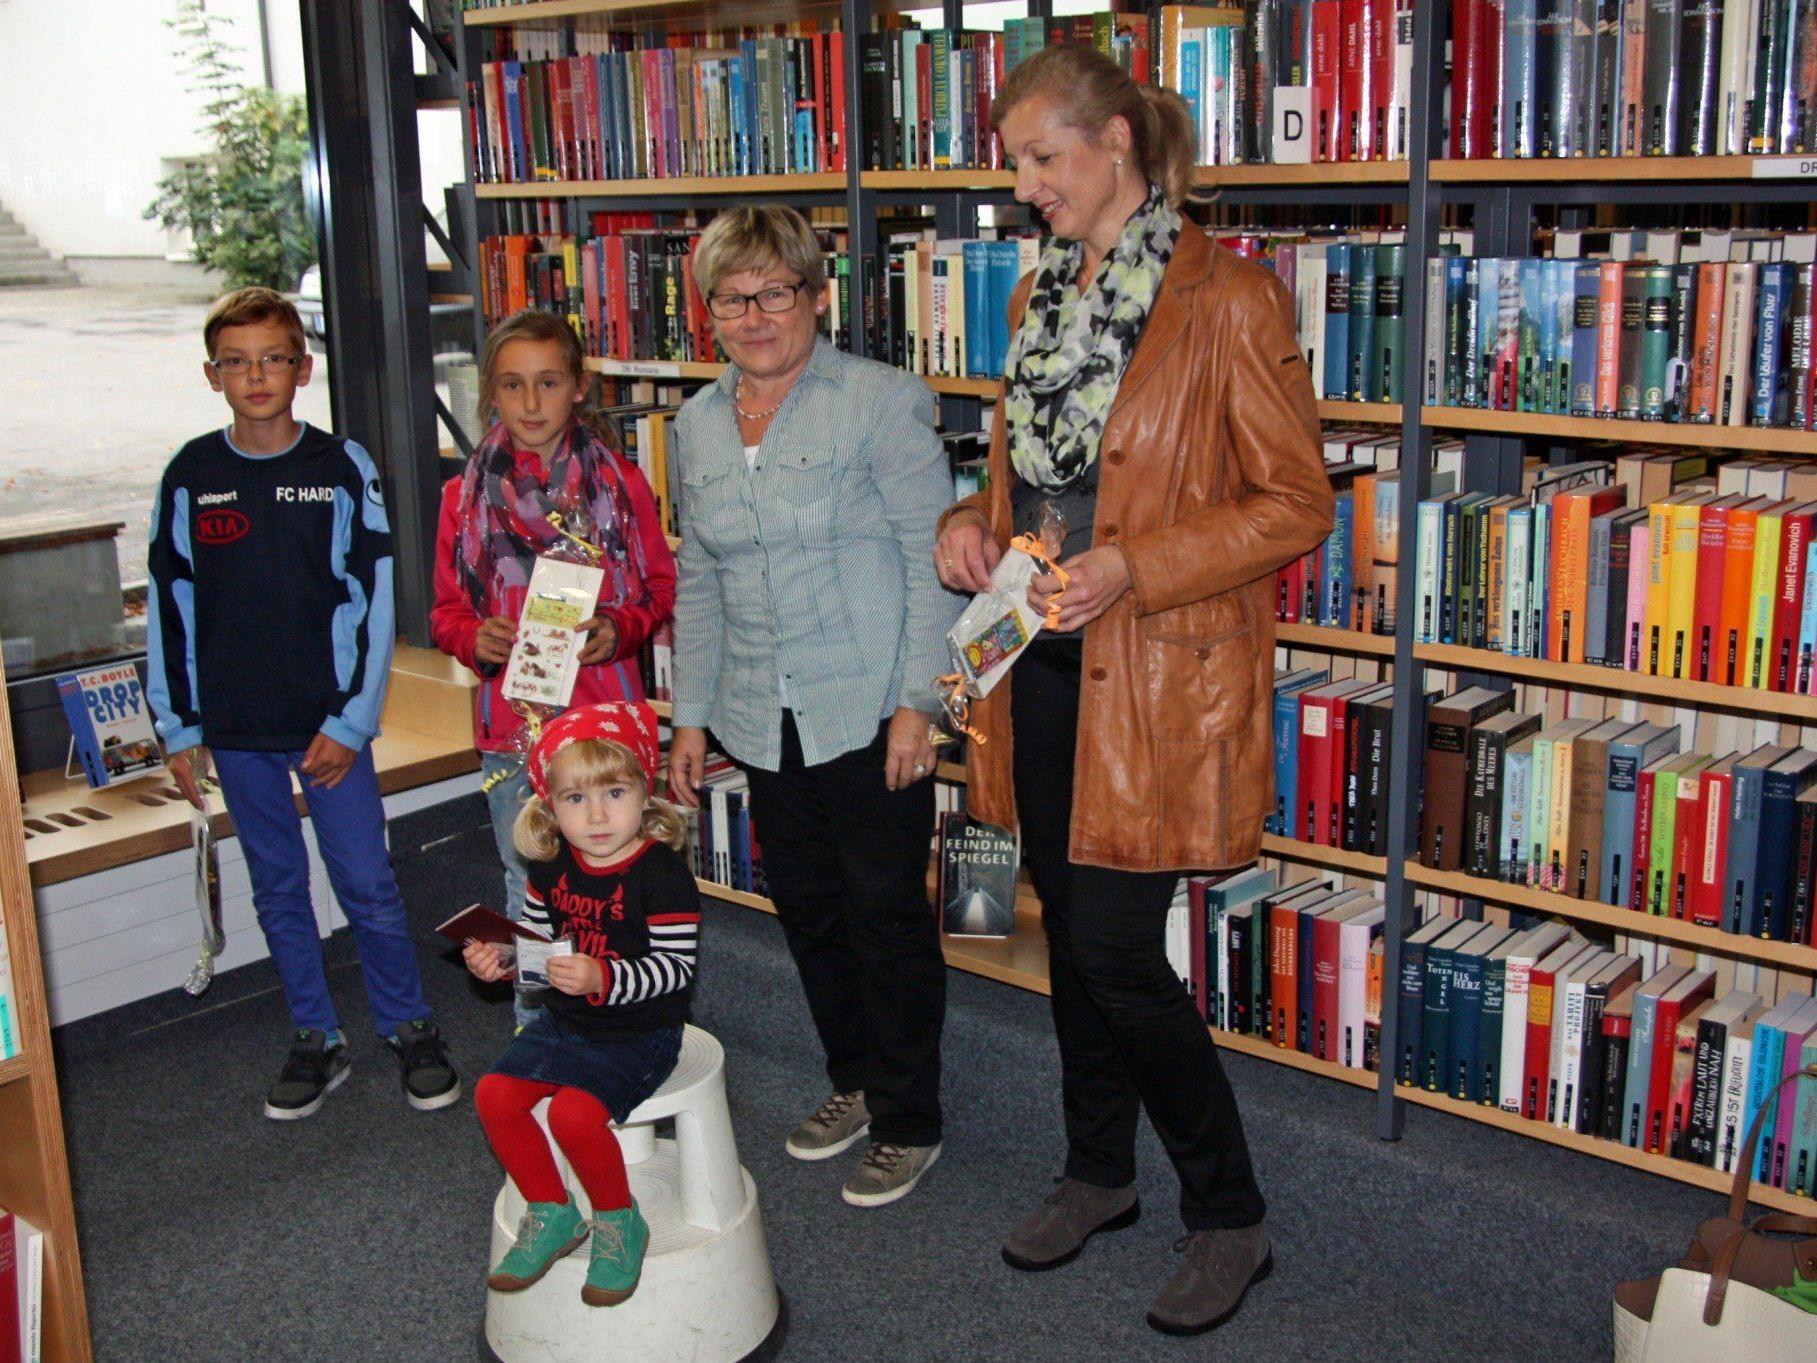 Die Büchereileiterin Gisela Rohner (Mitte) übergab den Gewinnern eine Jahres-Mitgliedkarte der Bücherei am Dorfbach.